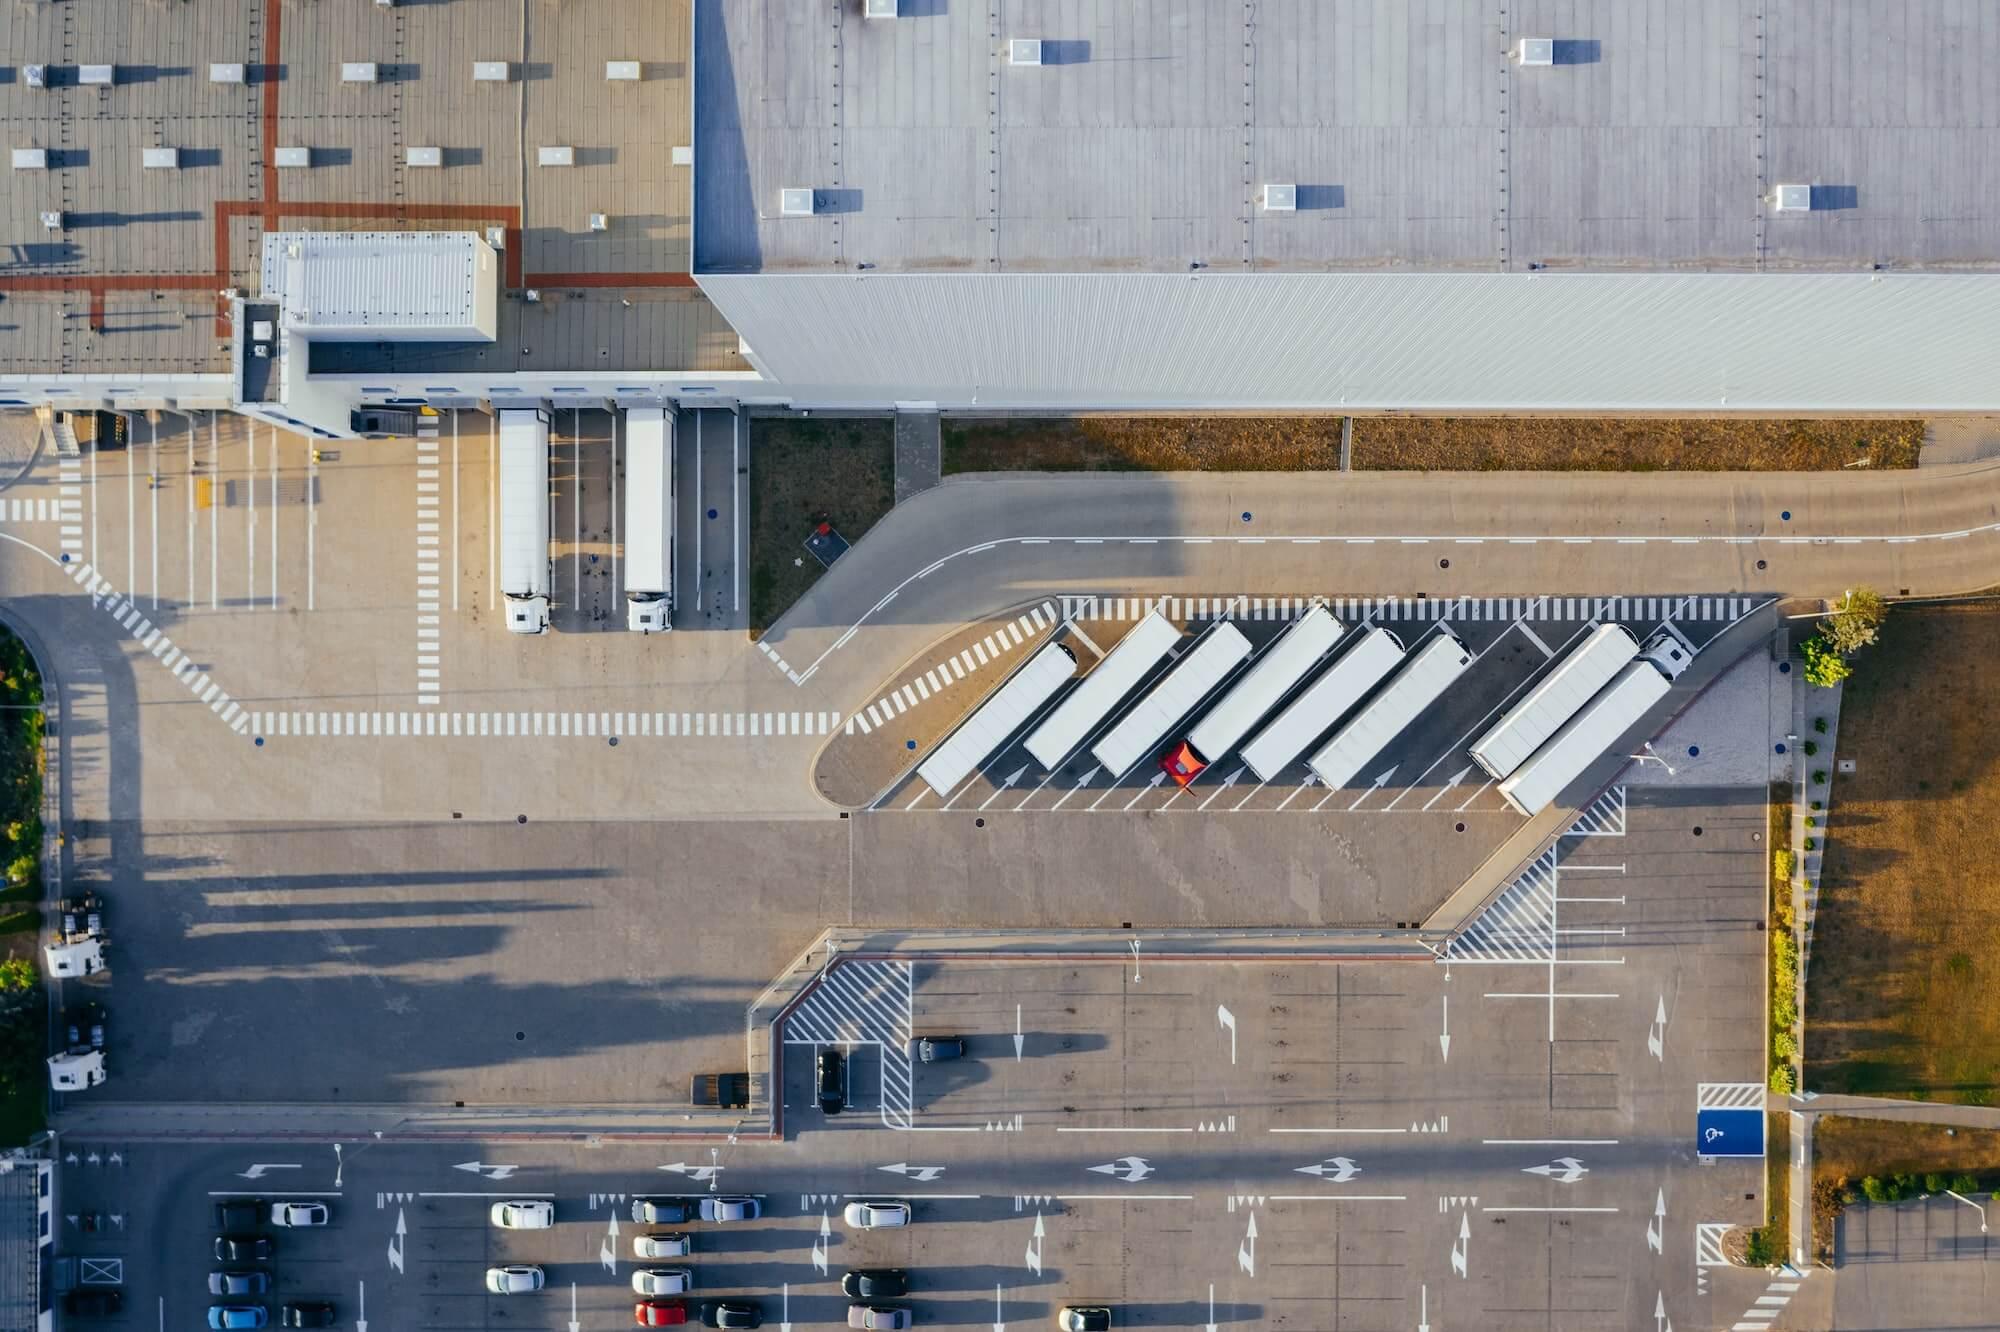 Camions au dock d'un entrepôt pour livrer